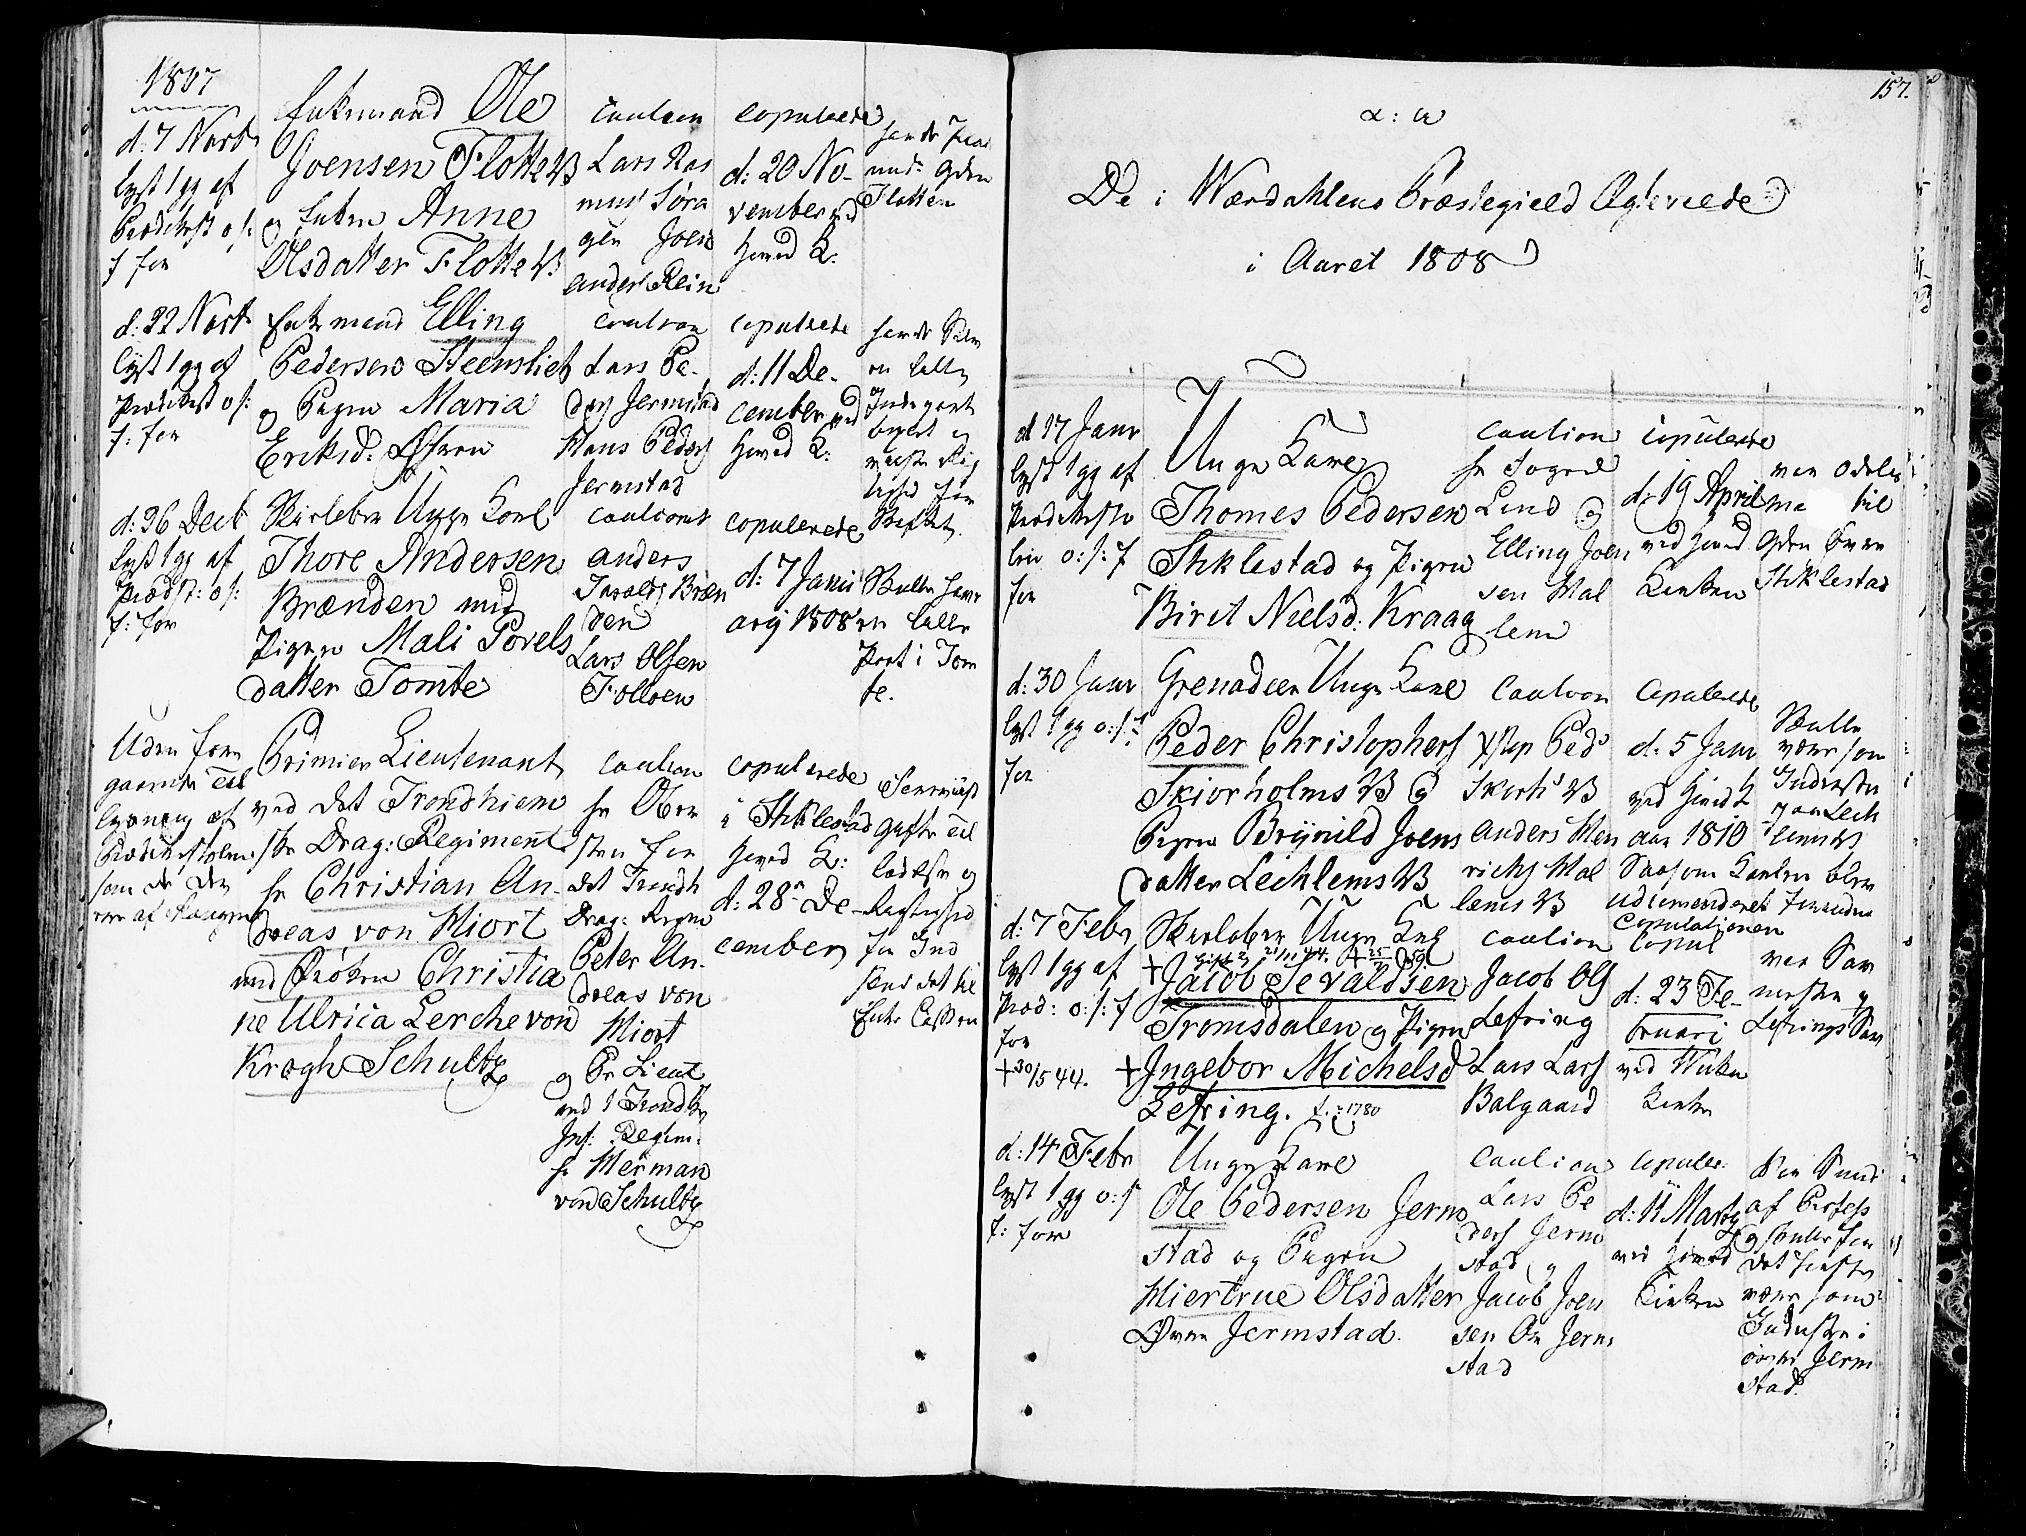 SAT, Ministerialprotokoller, klokkerbøker og fødselsregistre - Nord-Trøndelag, 723/L0233: Ministerialbok nr. 723A04, 1805-1816, s. 157